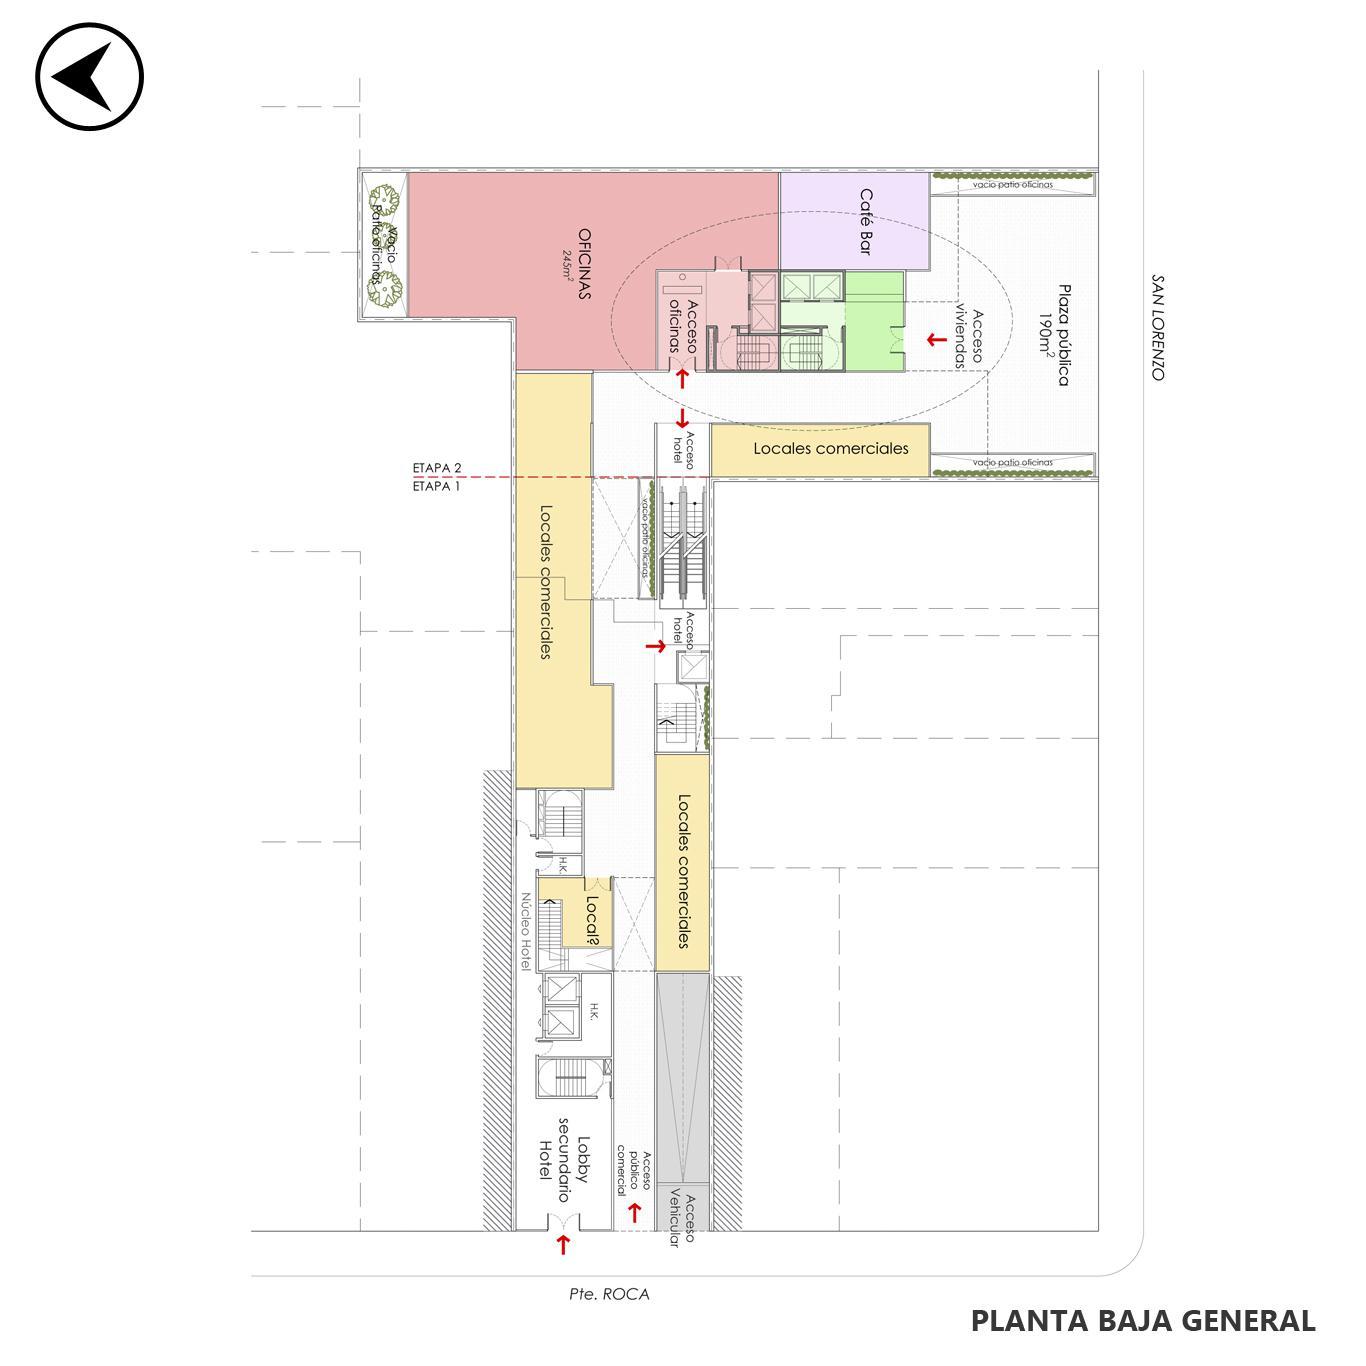 Venta departamento 1 dormitorio Rosario, Centro. Cod CBU23680 AP2227398. Crestale Propiedades